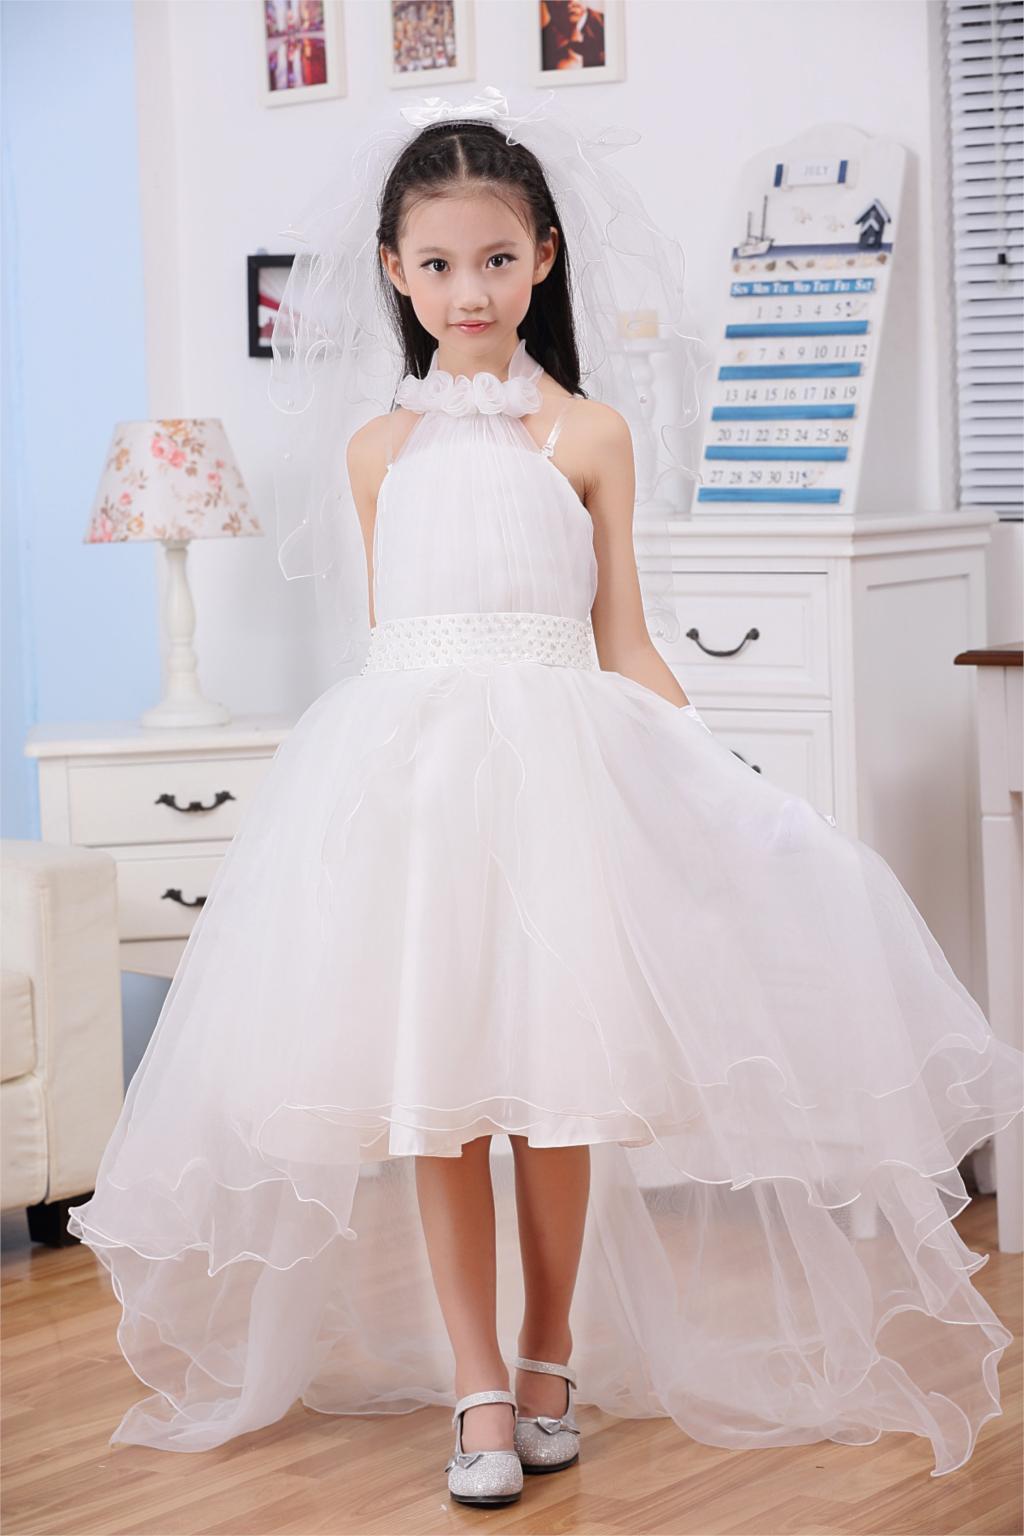 2019 Brand New Halter Design Princess Flower Girl Dress White